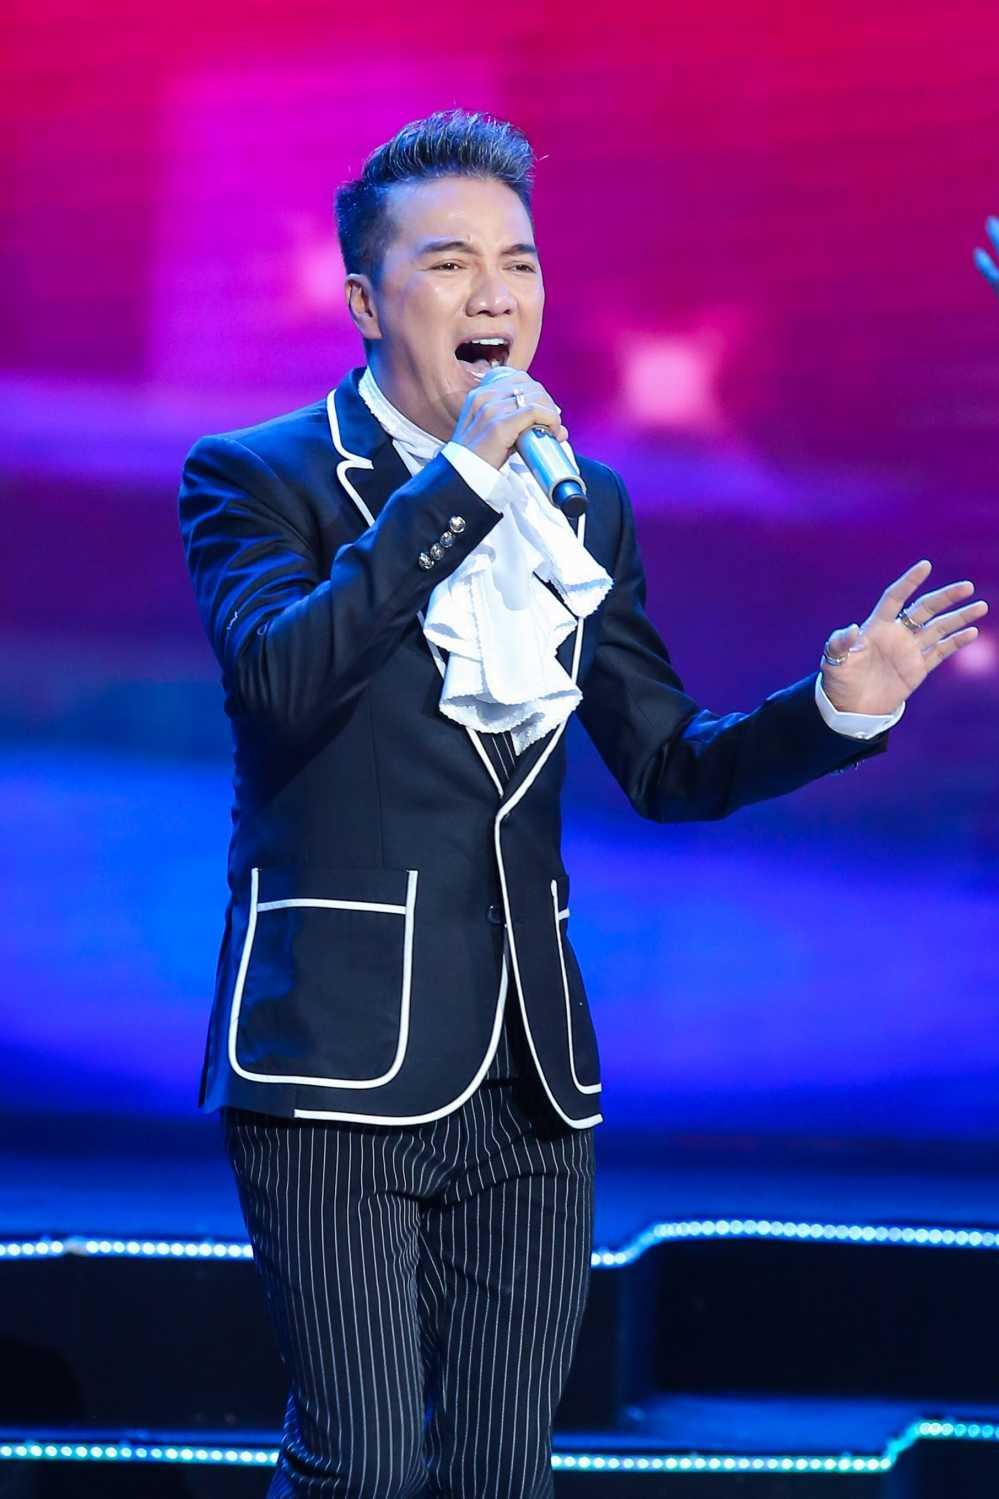 Truong Giang - Nha Phuong mac ao dai doi, au yem tinh tu trong hau truong hinh anh 17